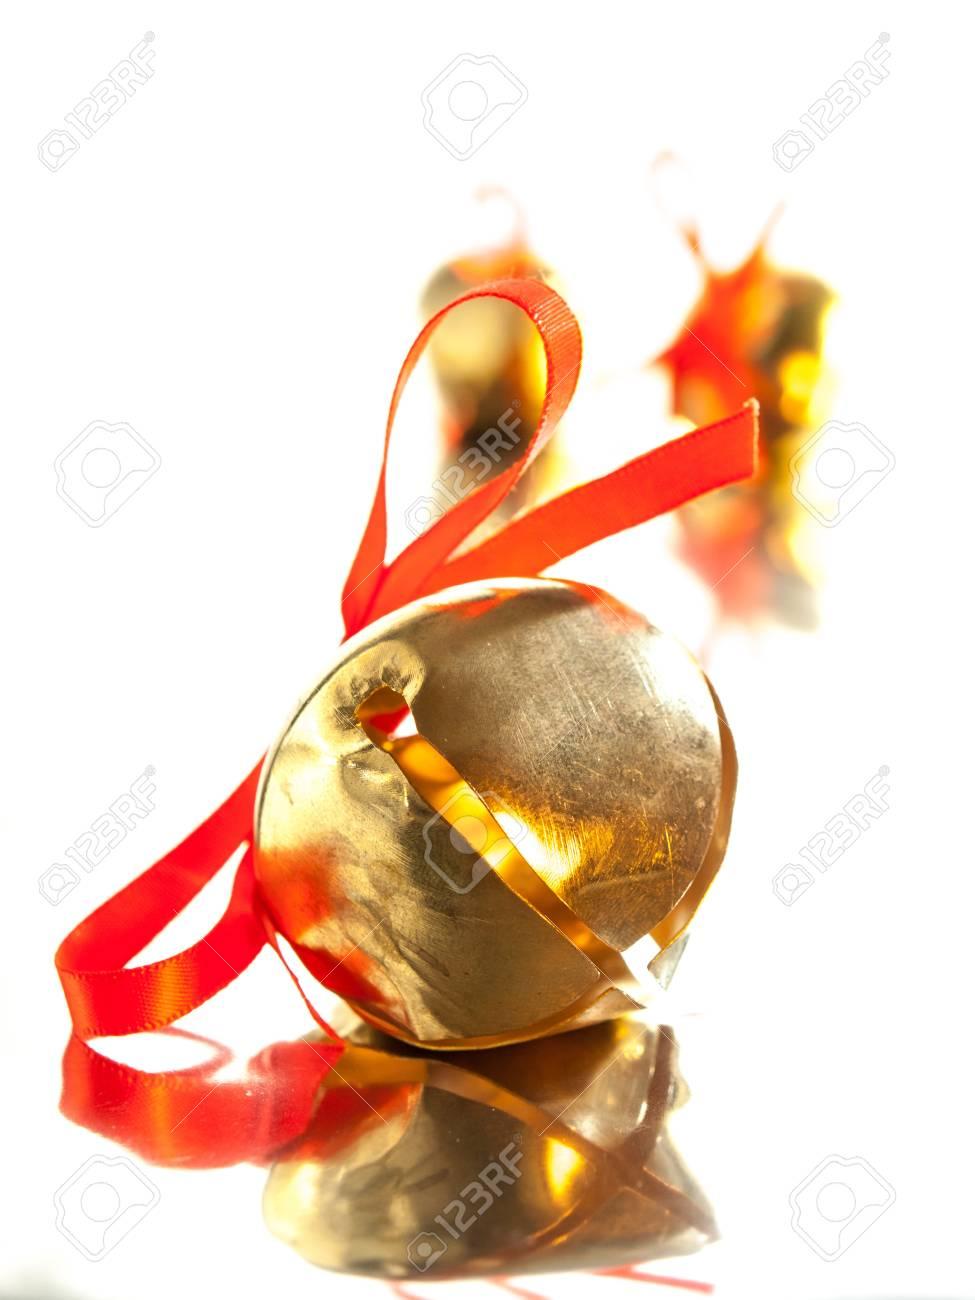 Glänzenden Goldenen Schlitten Glocke Mit Roter Schleife Auf ...